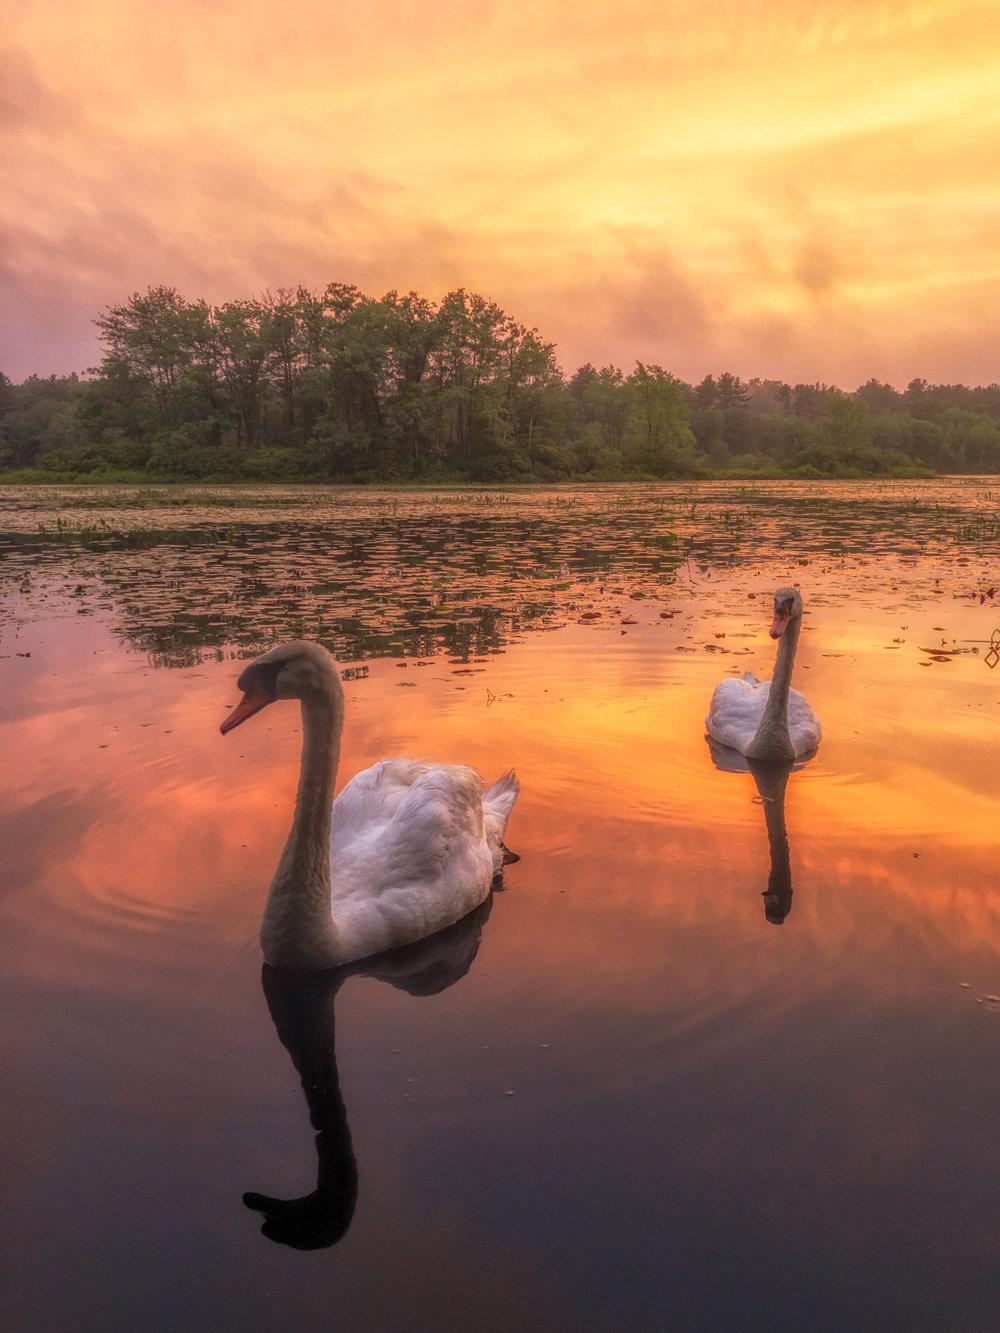 Will_Nourse_Meadowbrook Swans.jpg